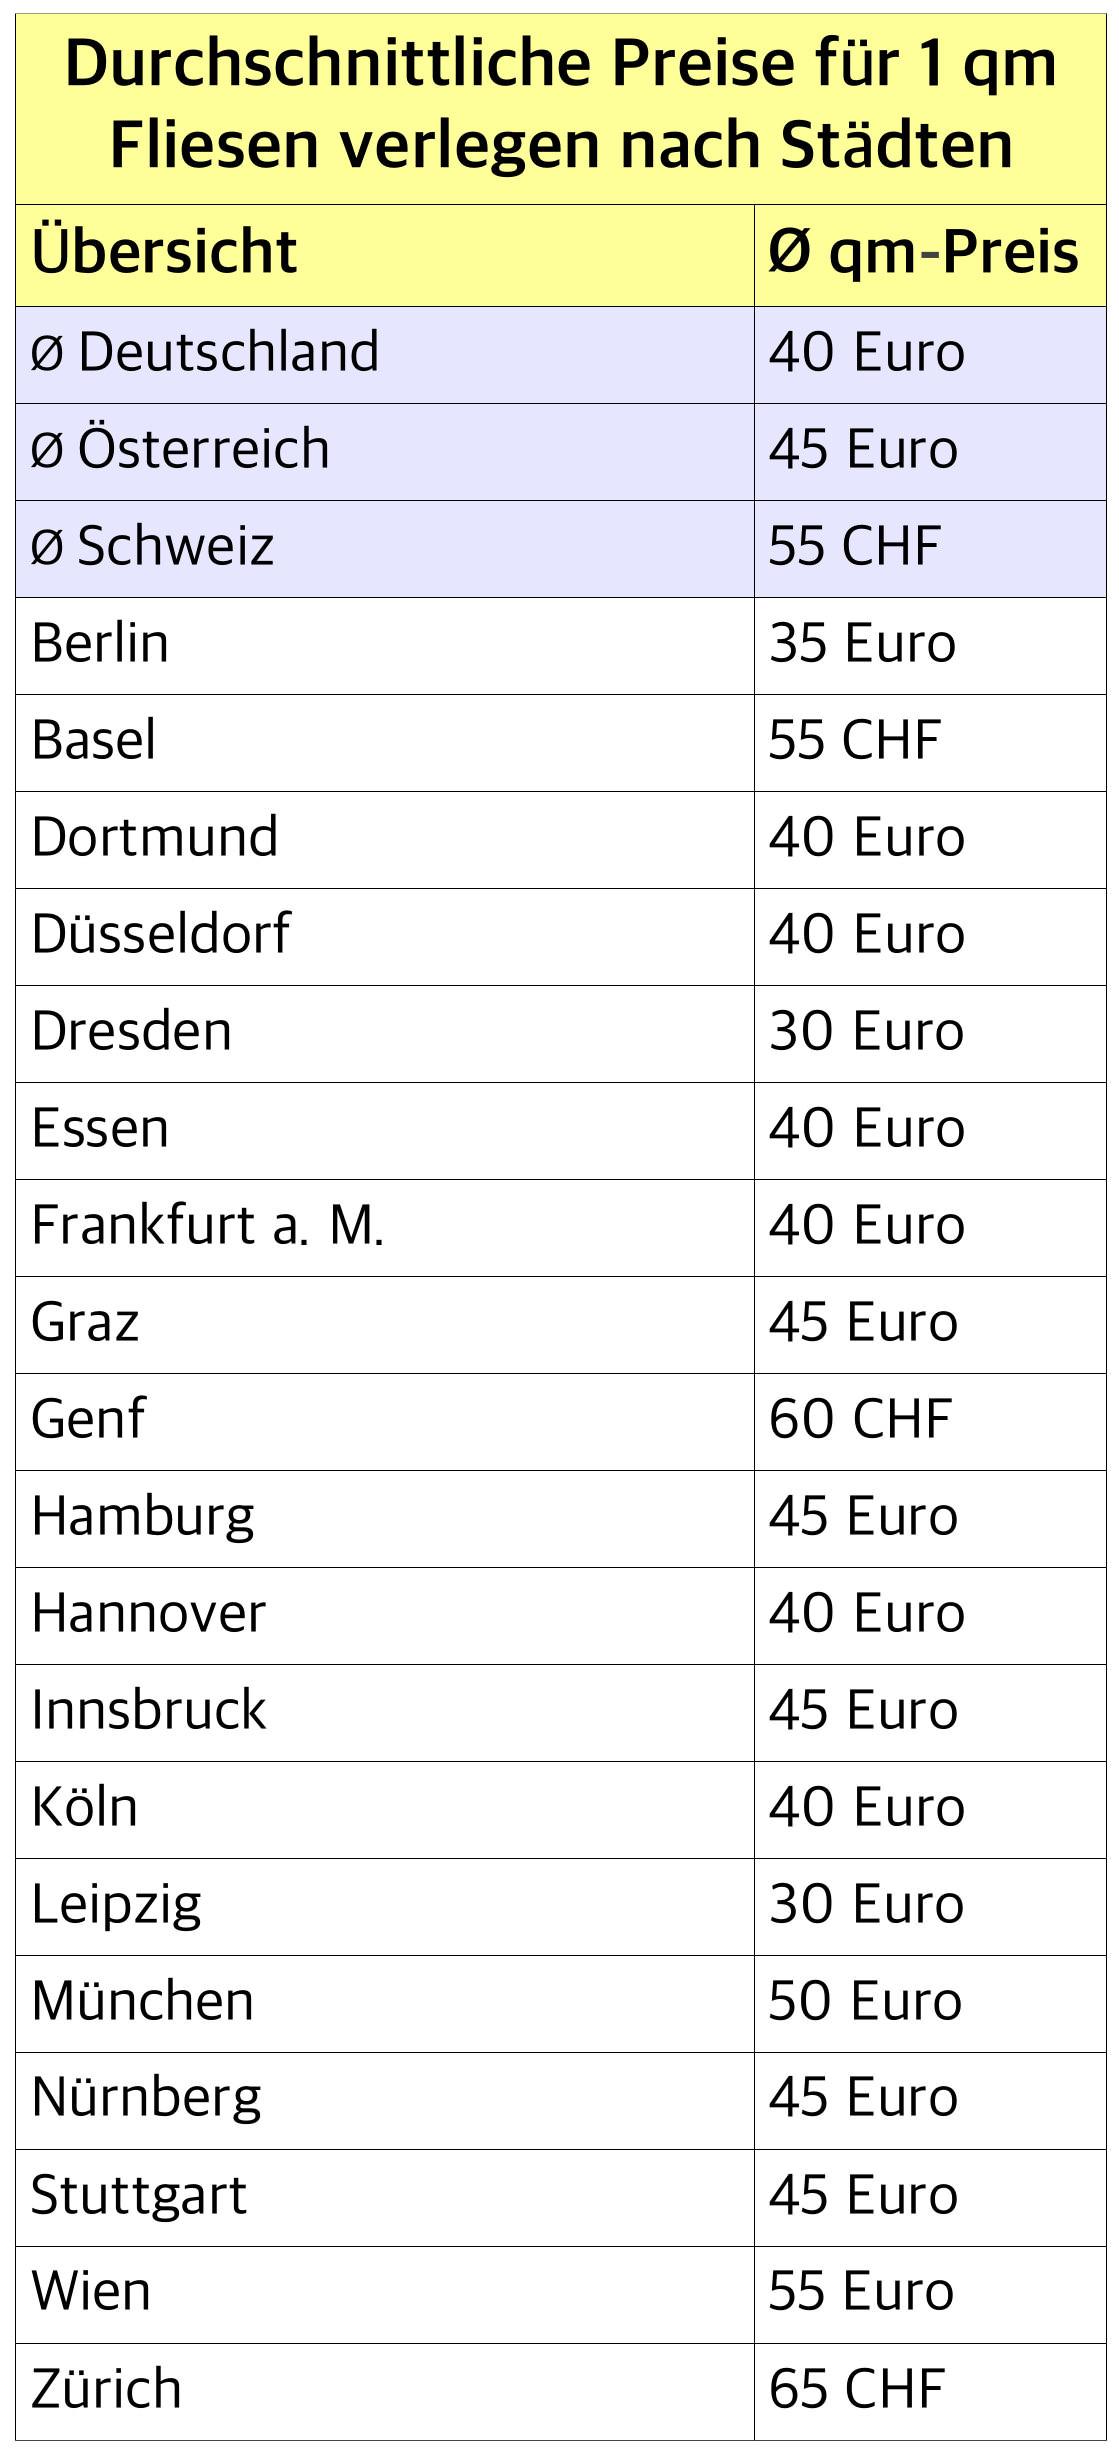 Fliesenleger Kosten - Preisübersicht 2018 | handwerkerkosten.net